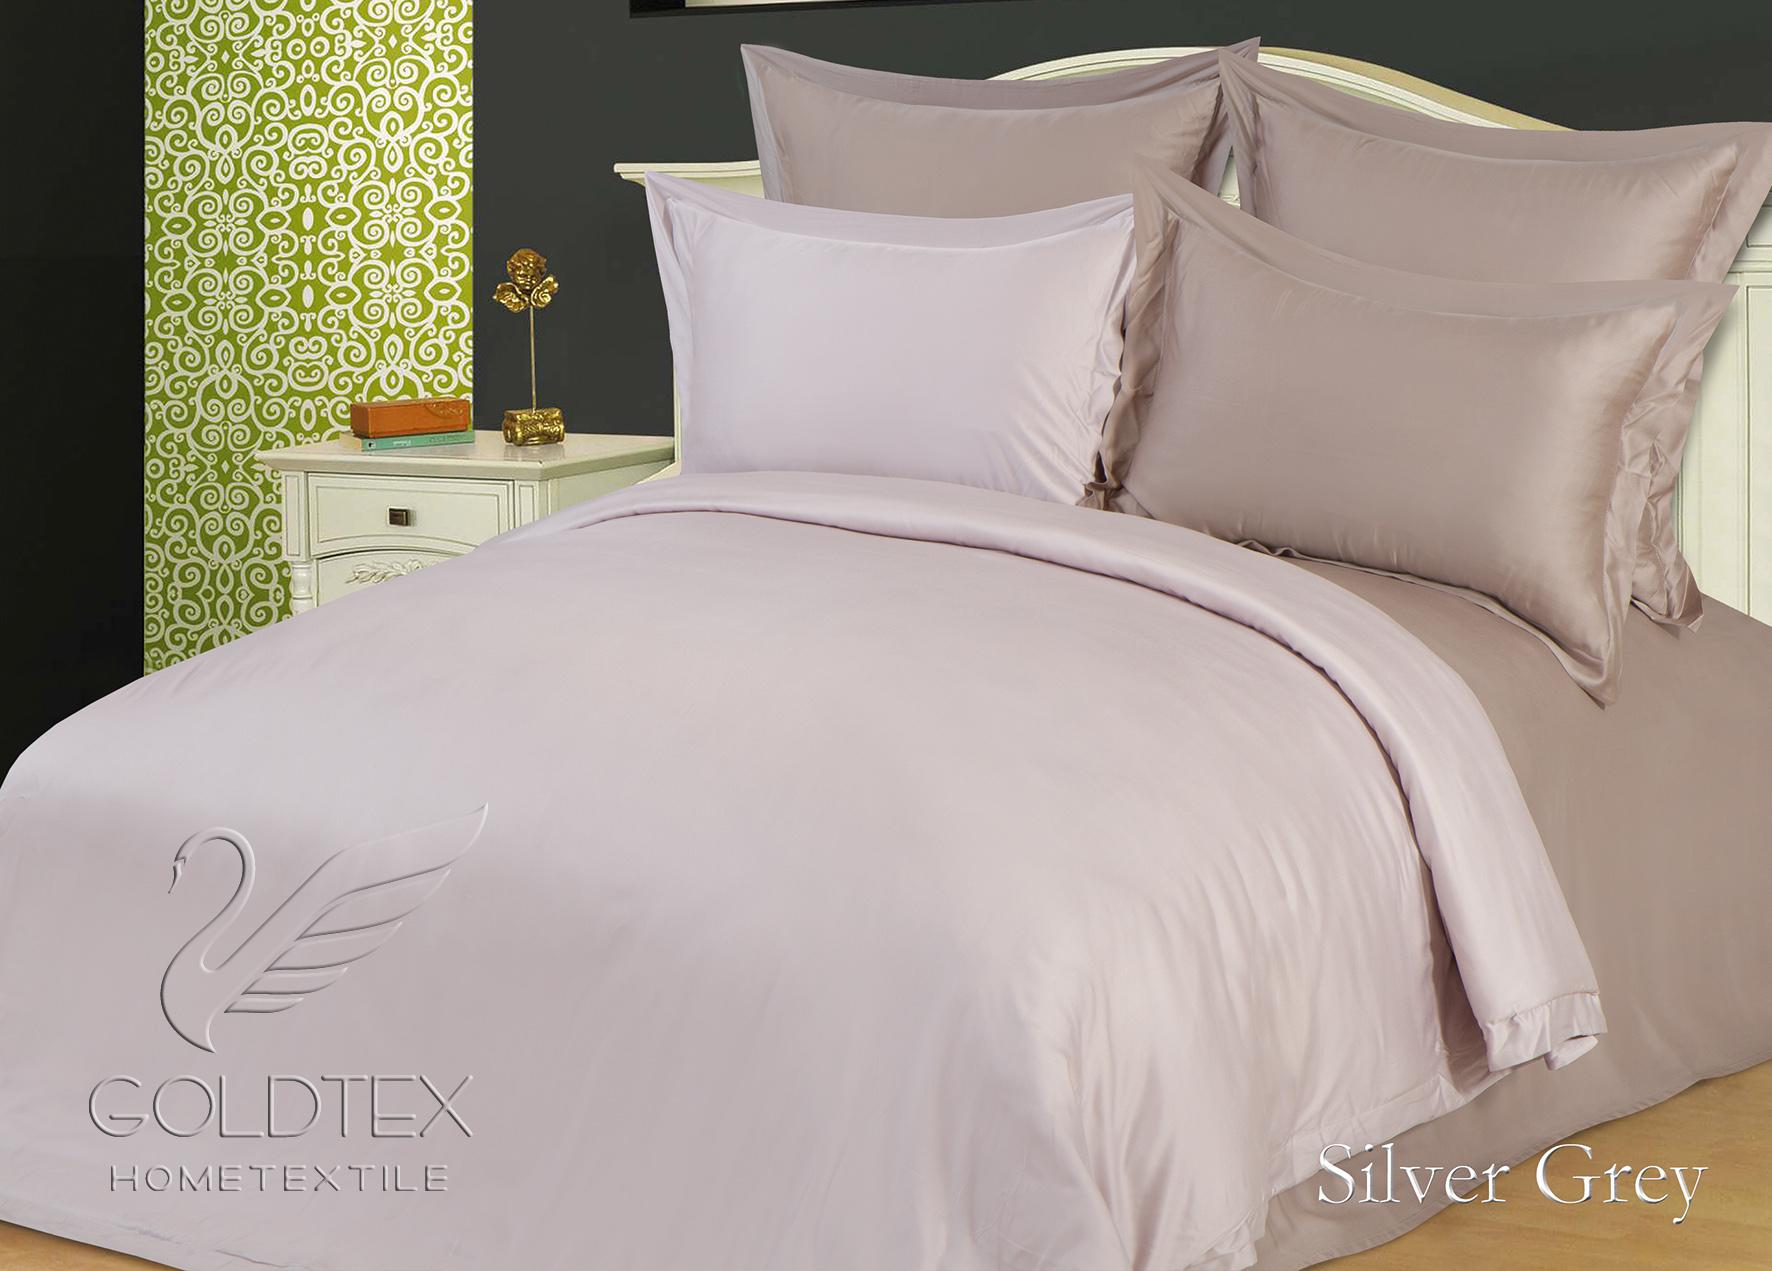 Комплект  Silver Grey , размер Евро с 4 наволочками - Постельное белье артикул: 10867